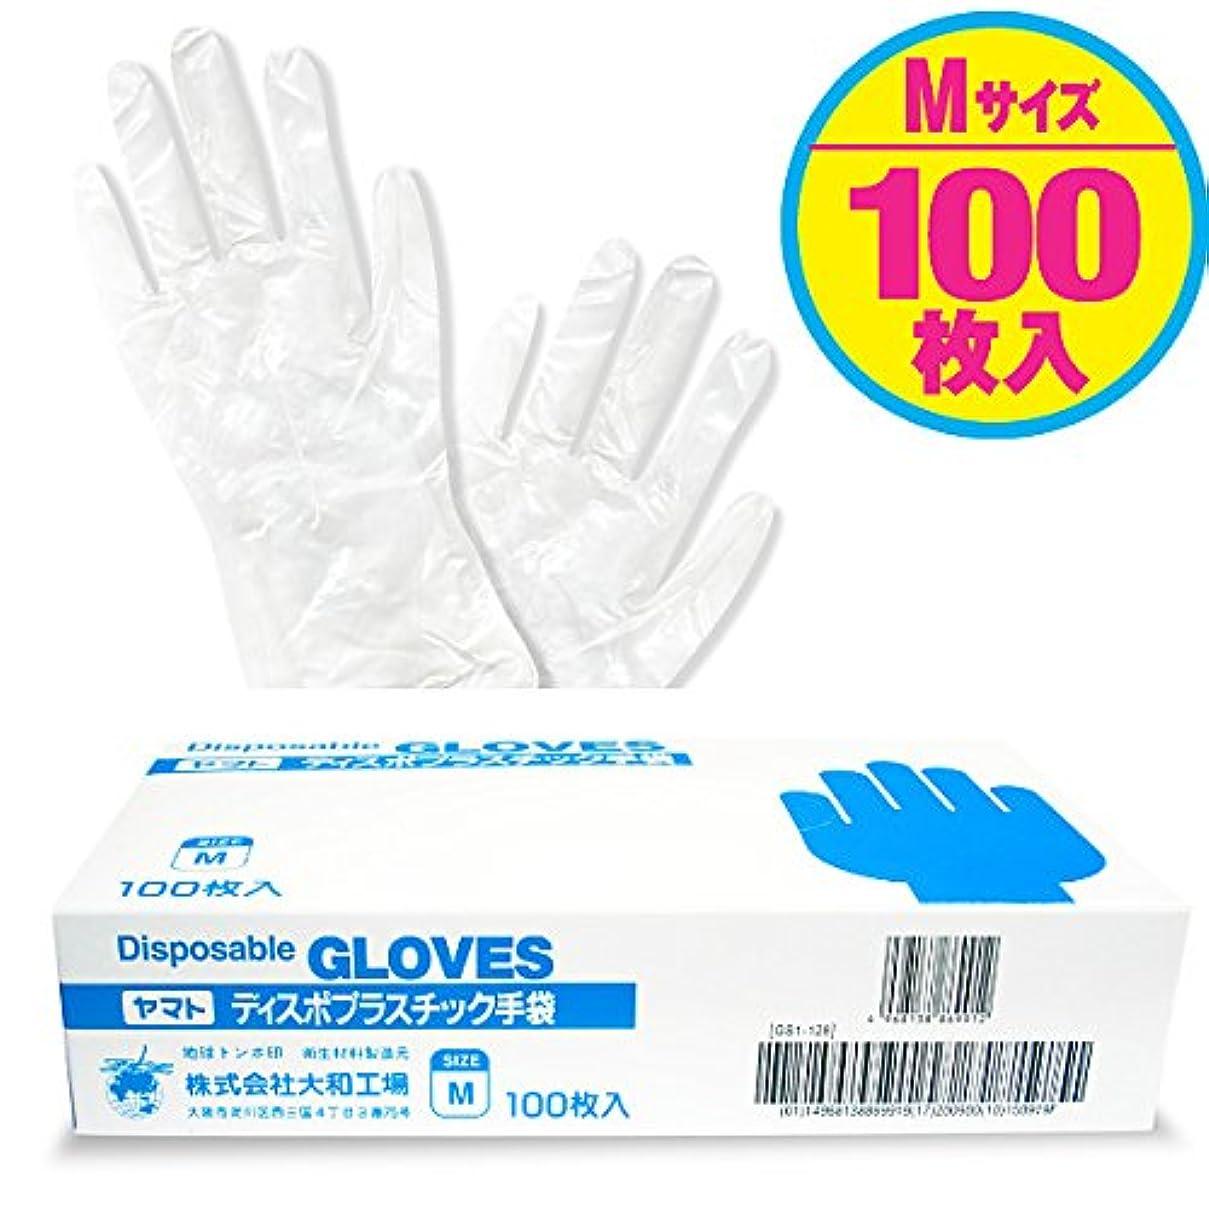 うるさい隠すやめる使い捨て【プラスチック手袋/Mサイズ 】 高伸縮性プラスチック手袋/パウダーイン 《高品質?医療機関でも使用》